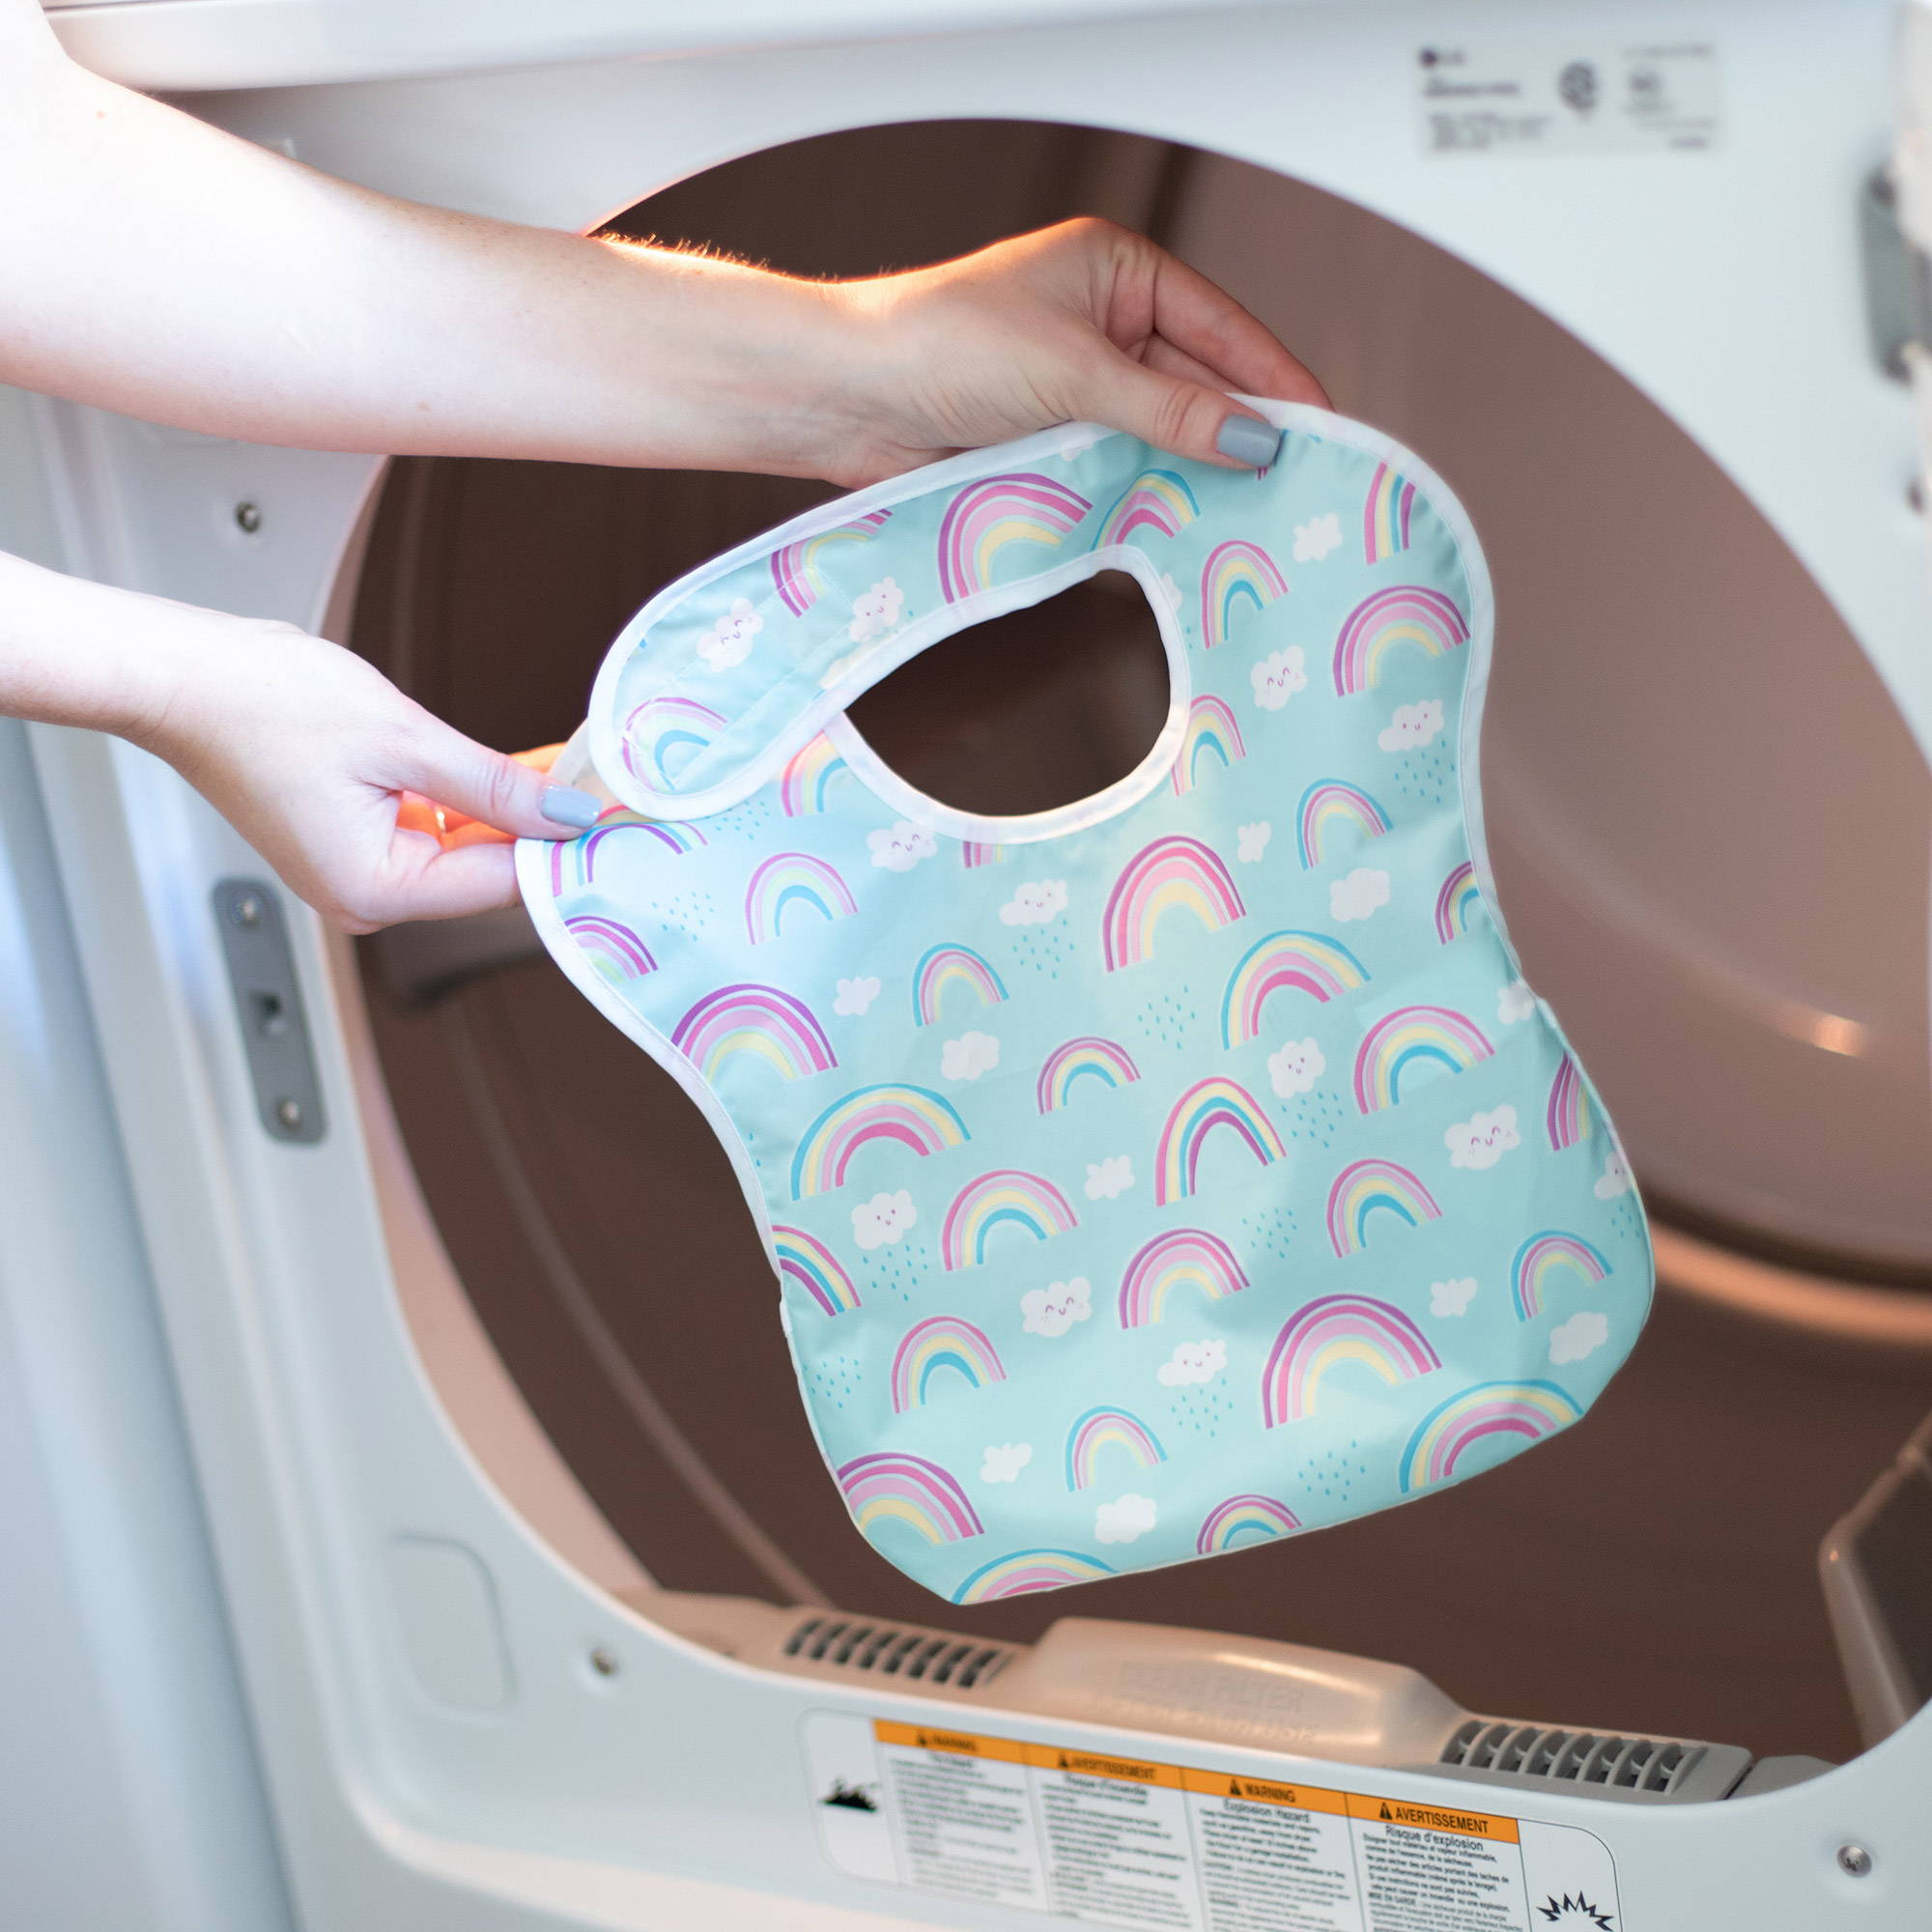 rainbow baby bib going into washing machine